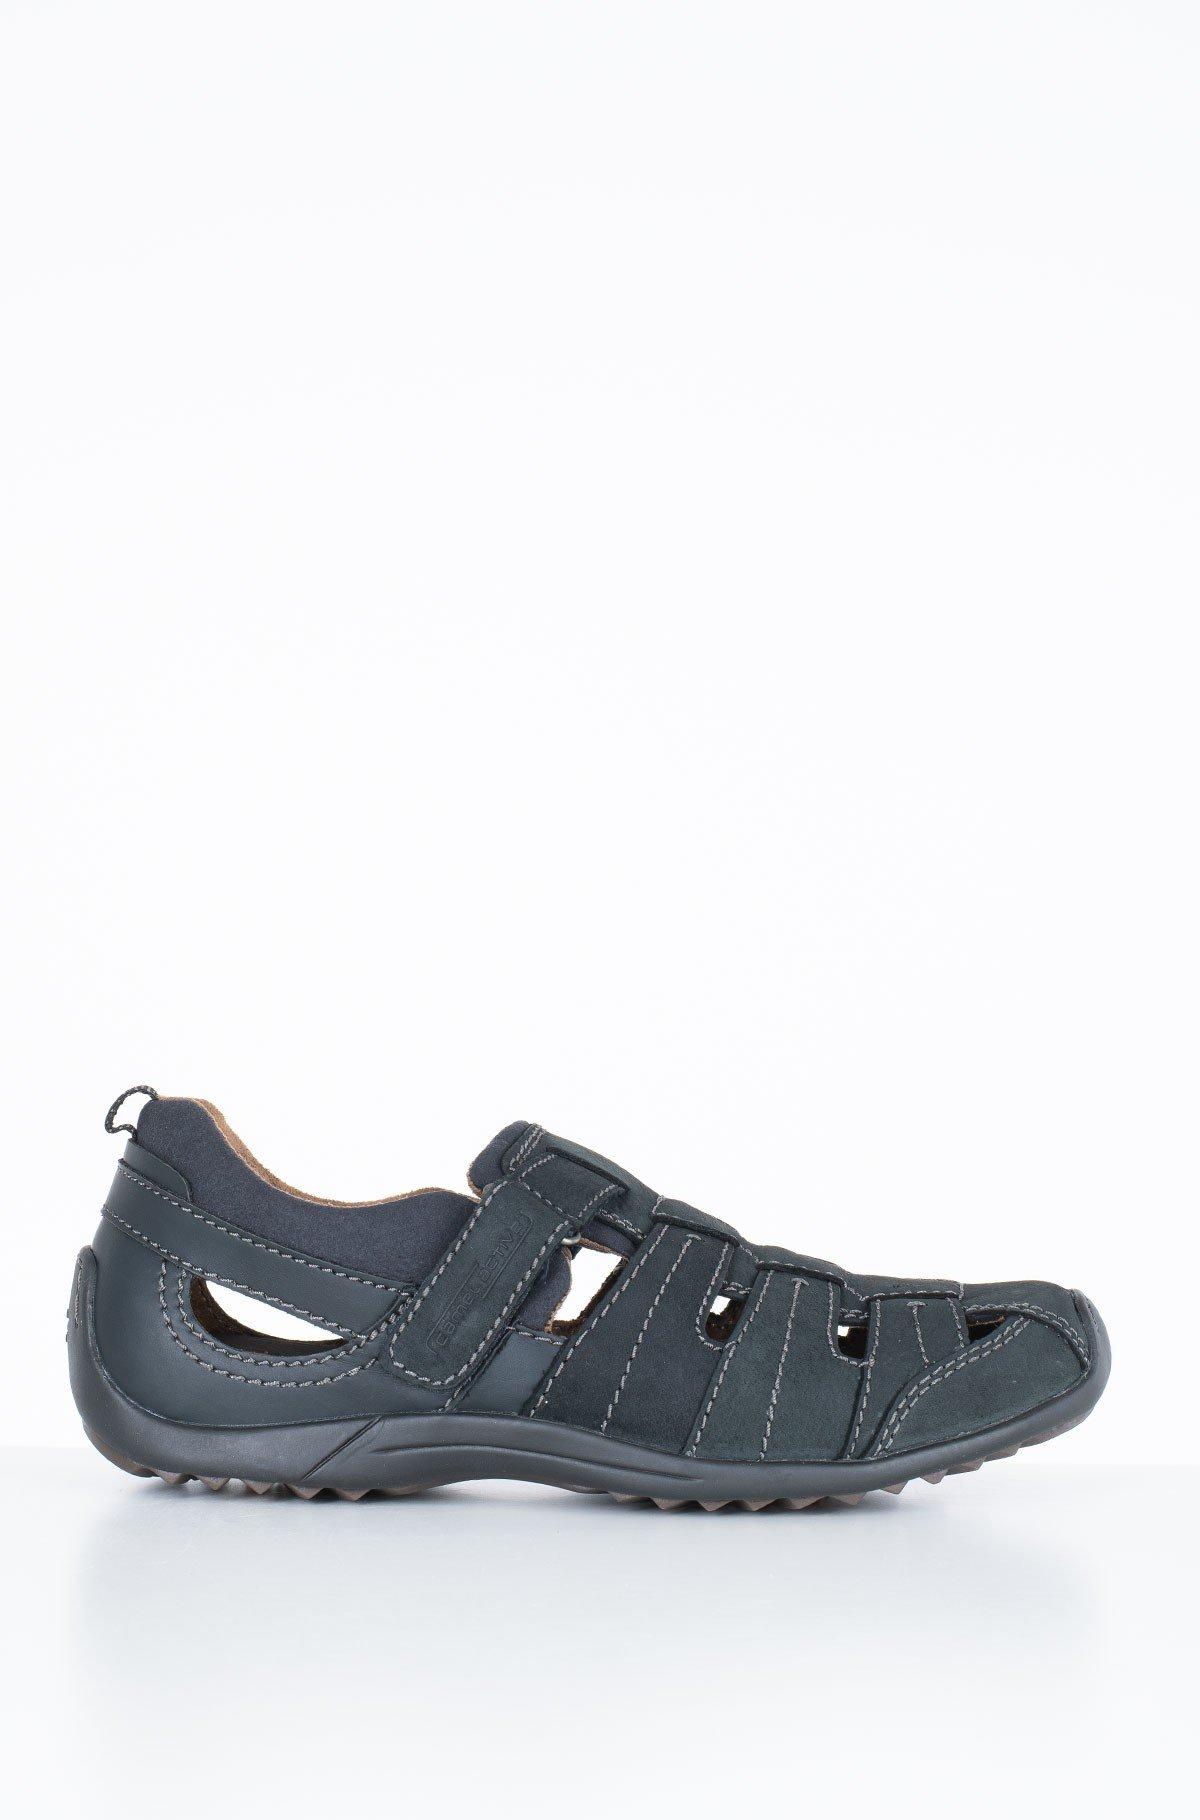 Kinnised sandaalid 292.12.13-full-1